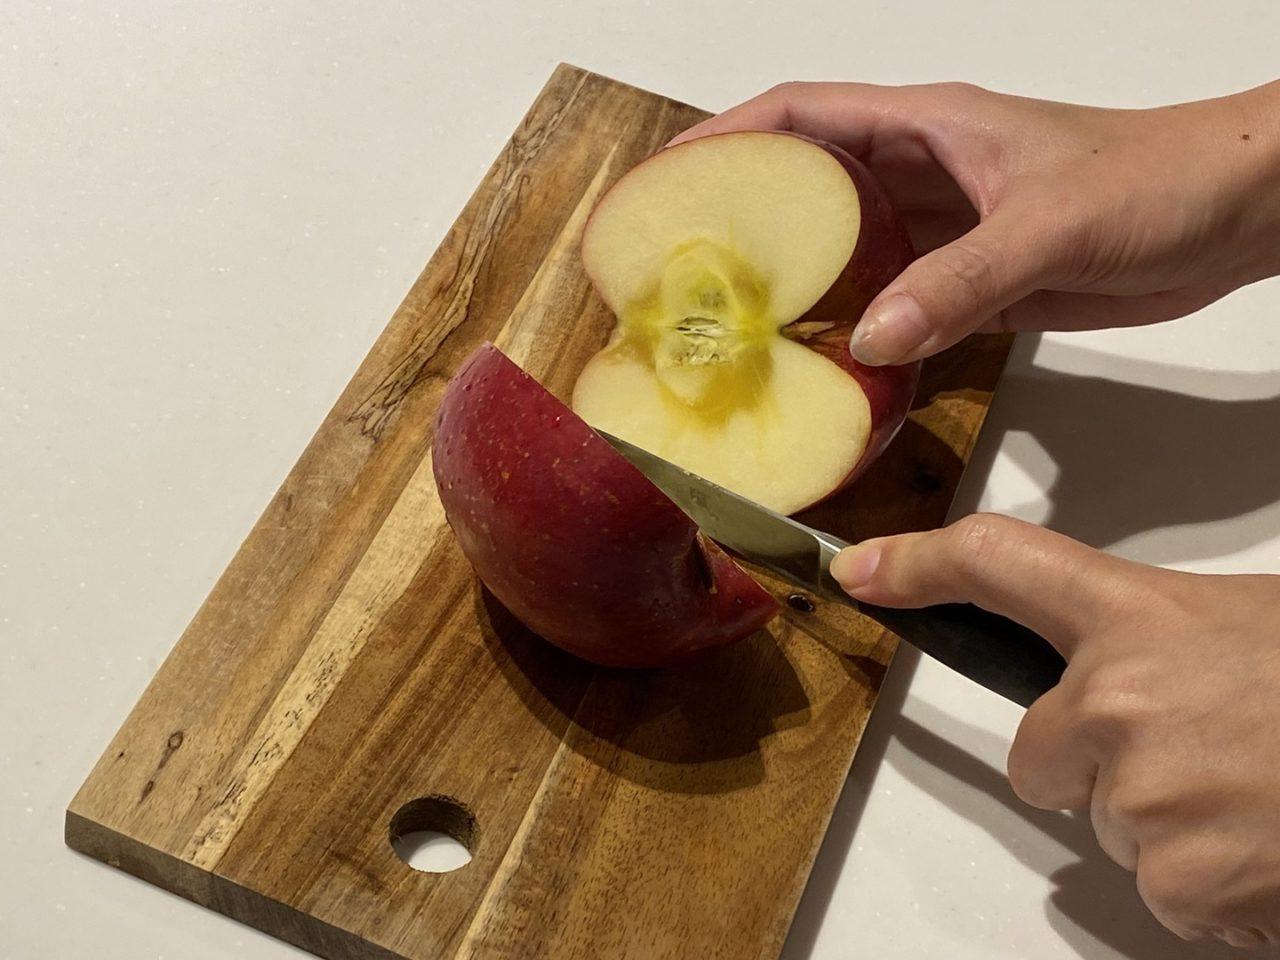 蜜入りの大きなリンゴを切っている画像